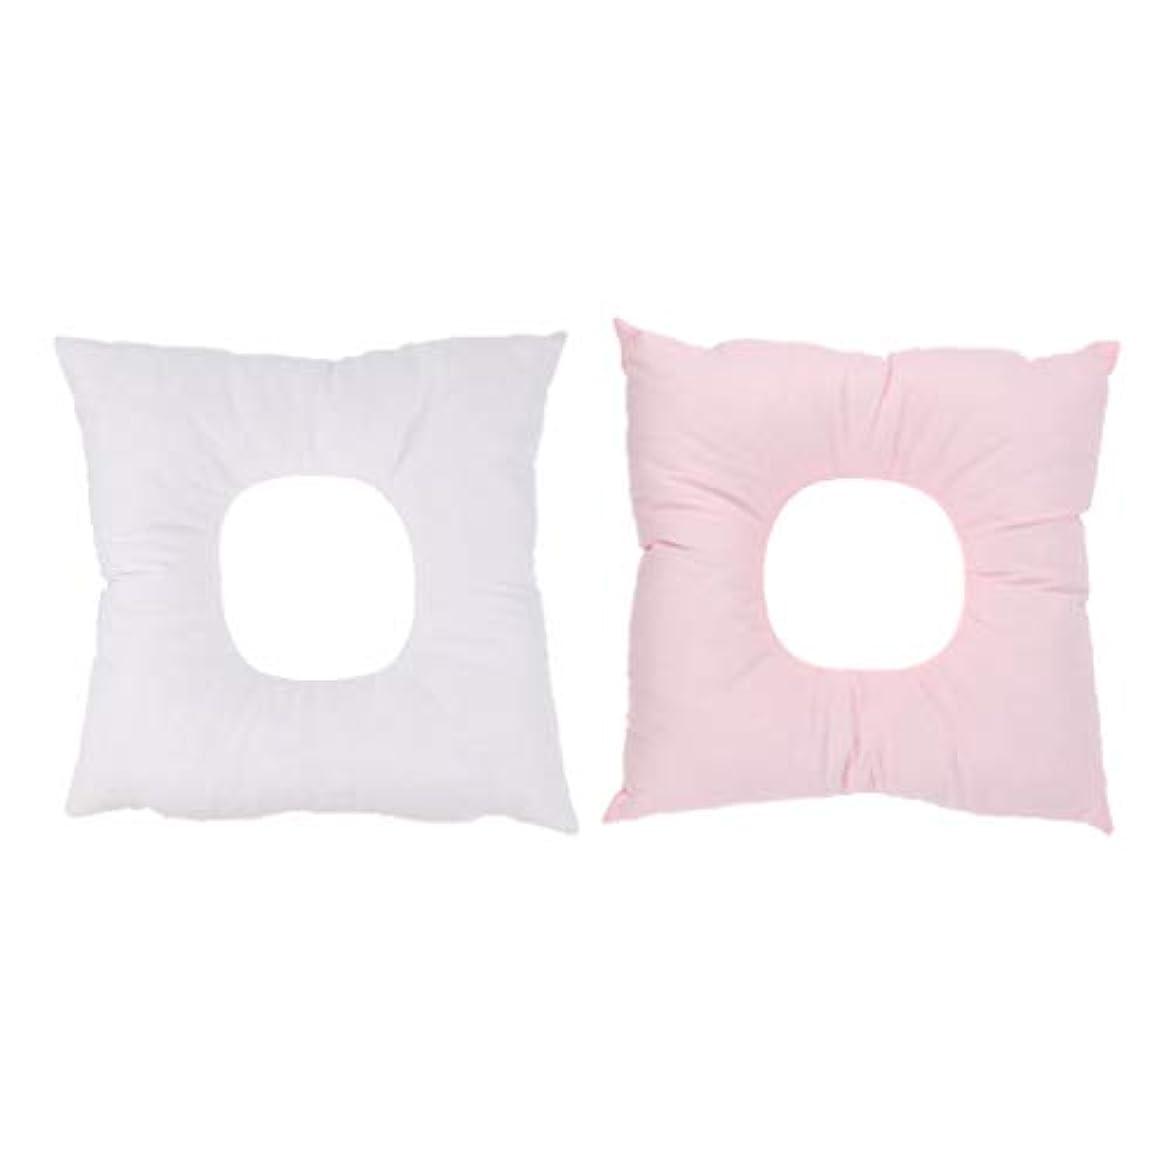 Perfeclan 2個セット フルフェイス フォームクッション 顔枕 うつ伏せ 顔マクラ マッサージ